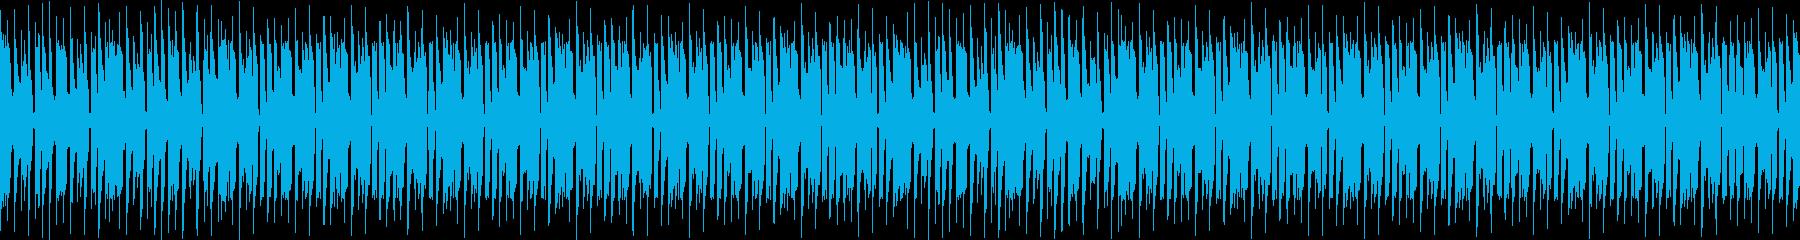 無機質な工場系機械ロボットビートの再生済みの波形